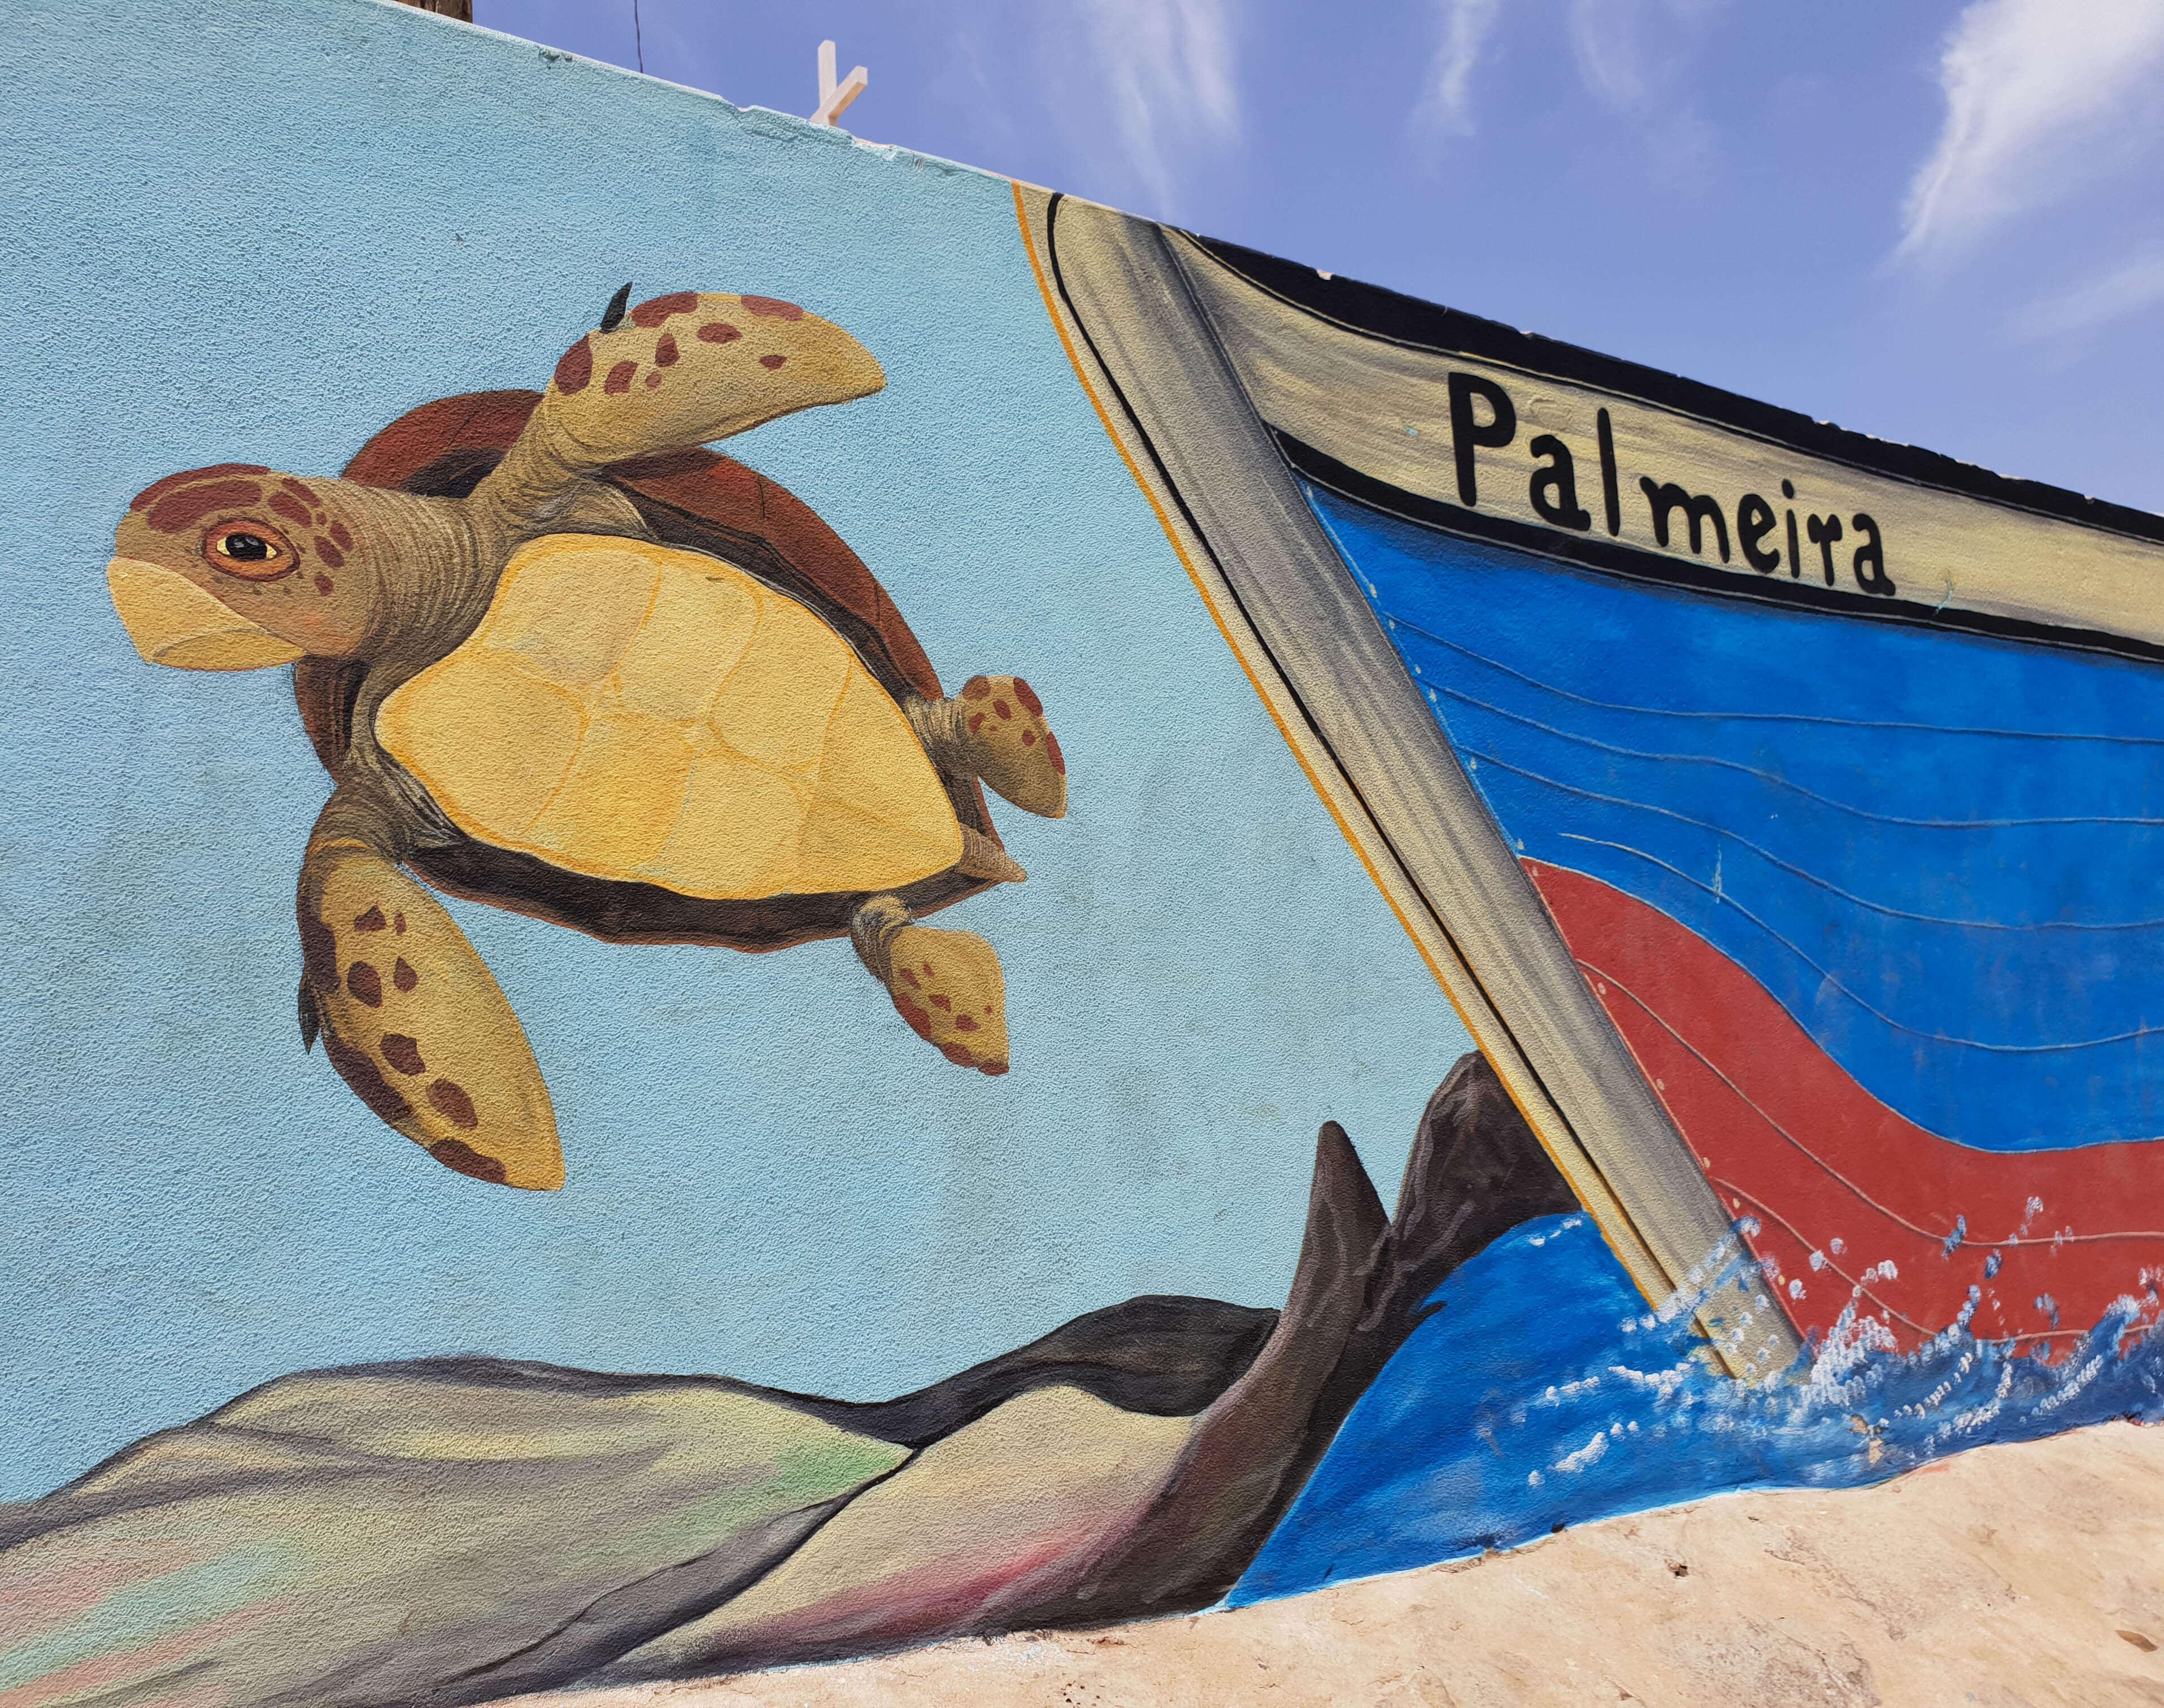 Vissersdorp Palmeira